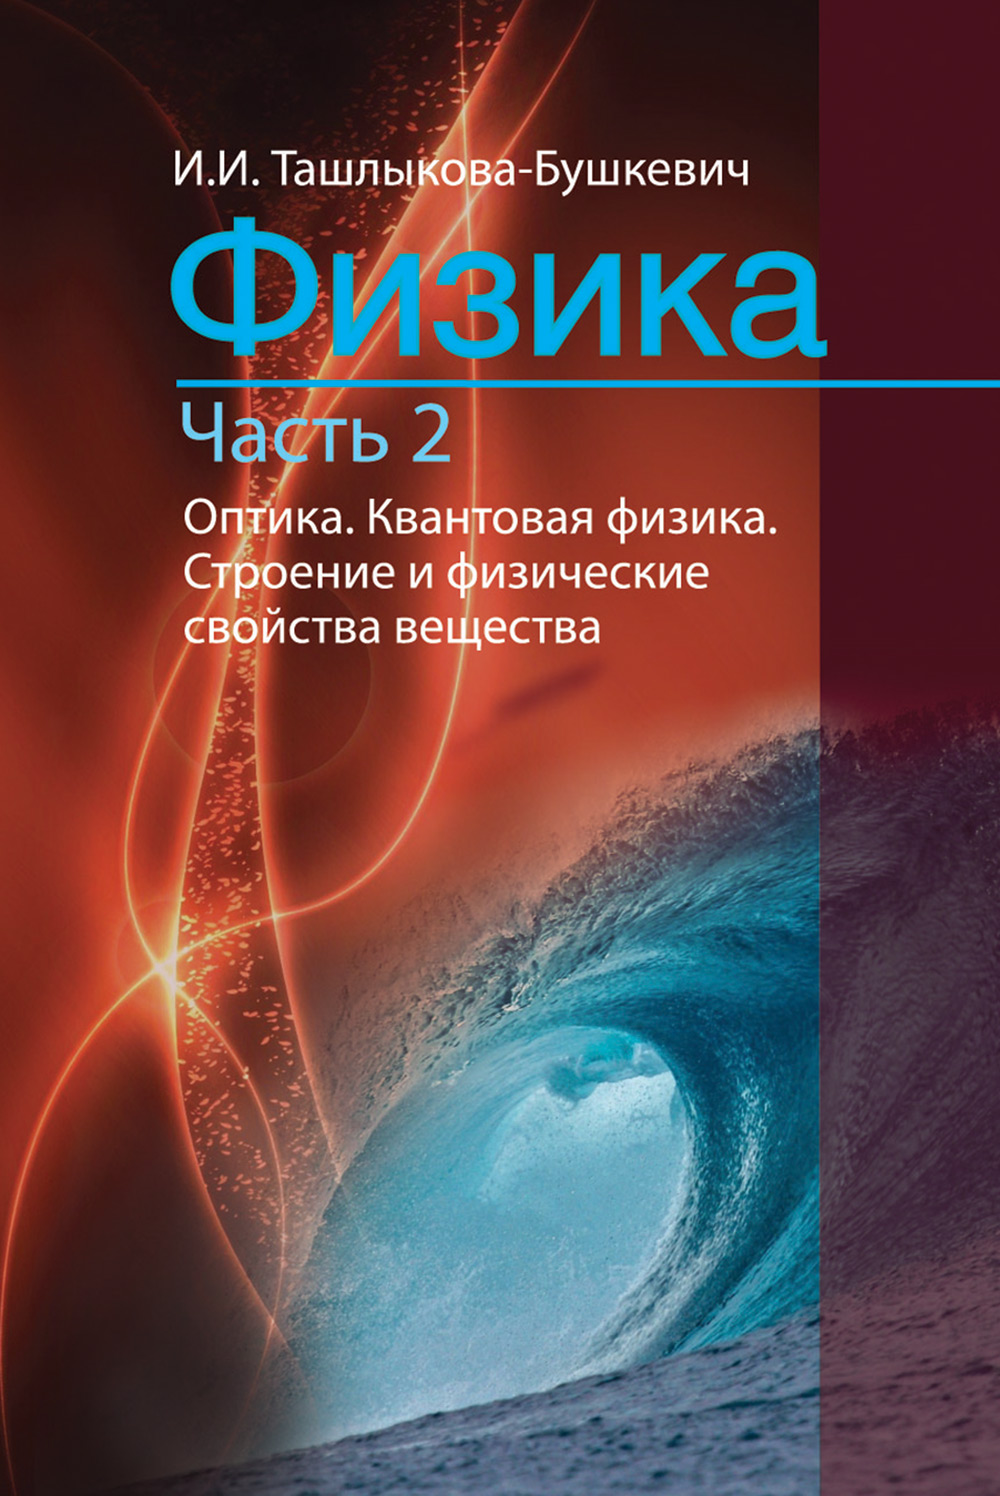 Ия Ташлыкова-Бушкевич Физика. Часть 2. Оптика. Квантовая физика. Строение и физические свойства вещества квантовая природа вещества